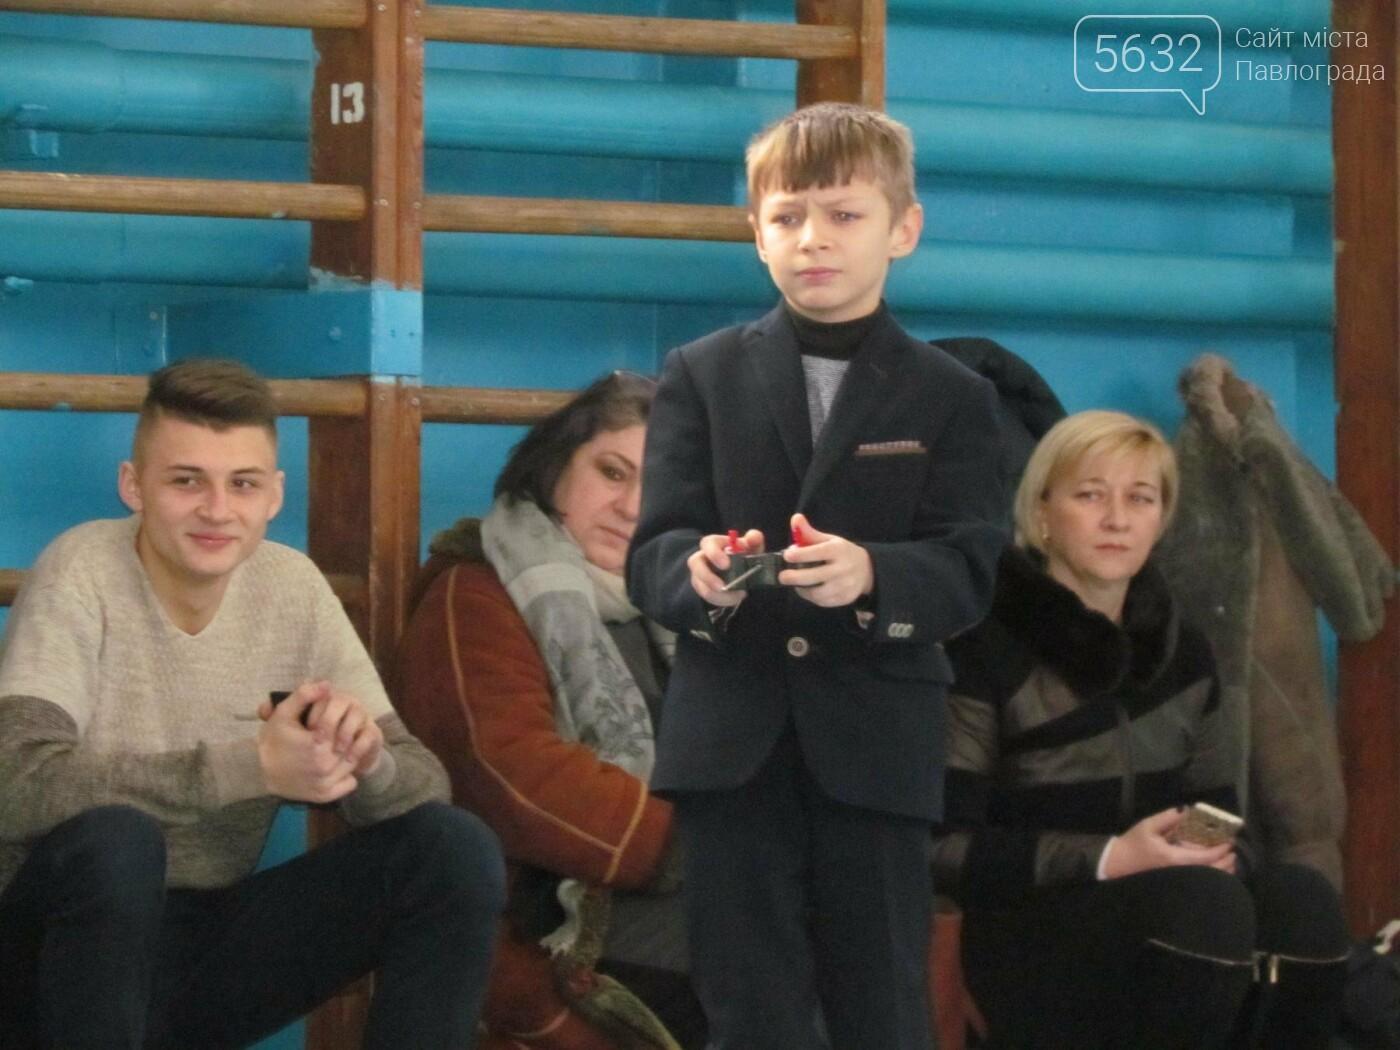 Павлоградские школьники сразились в гонке радиоуправляемых автомоделей, фото-10